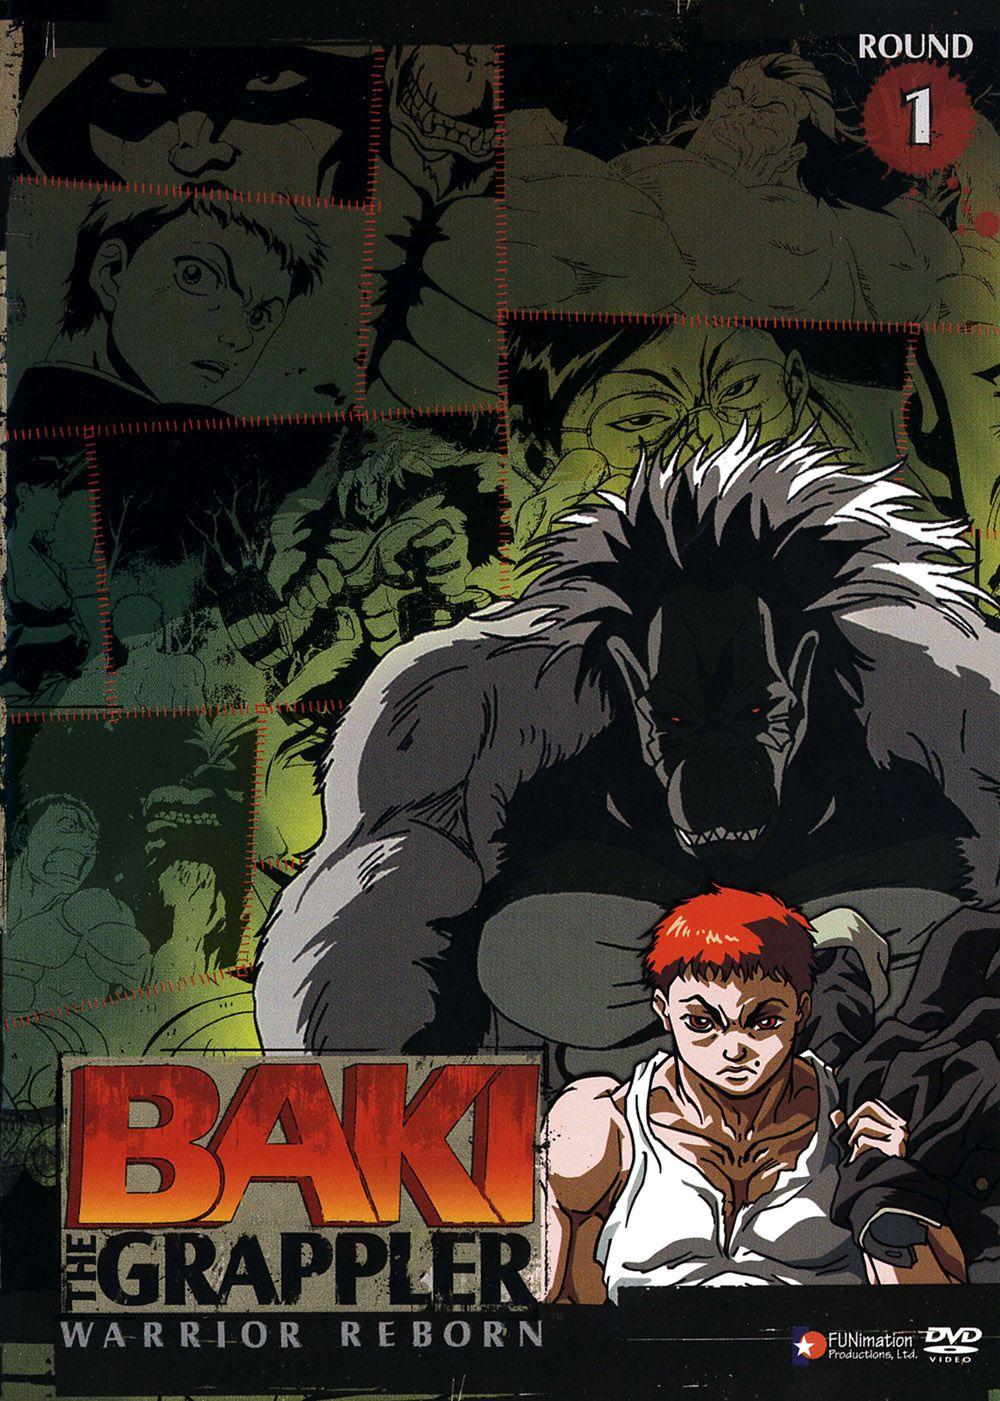 グラップラー刃牙 // Grappler Baki Anime, Grappler, Anime episodes